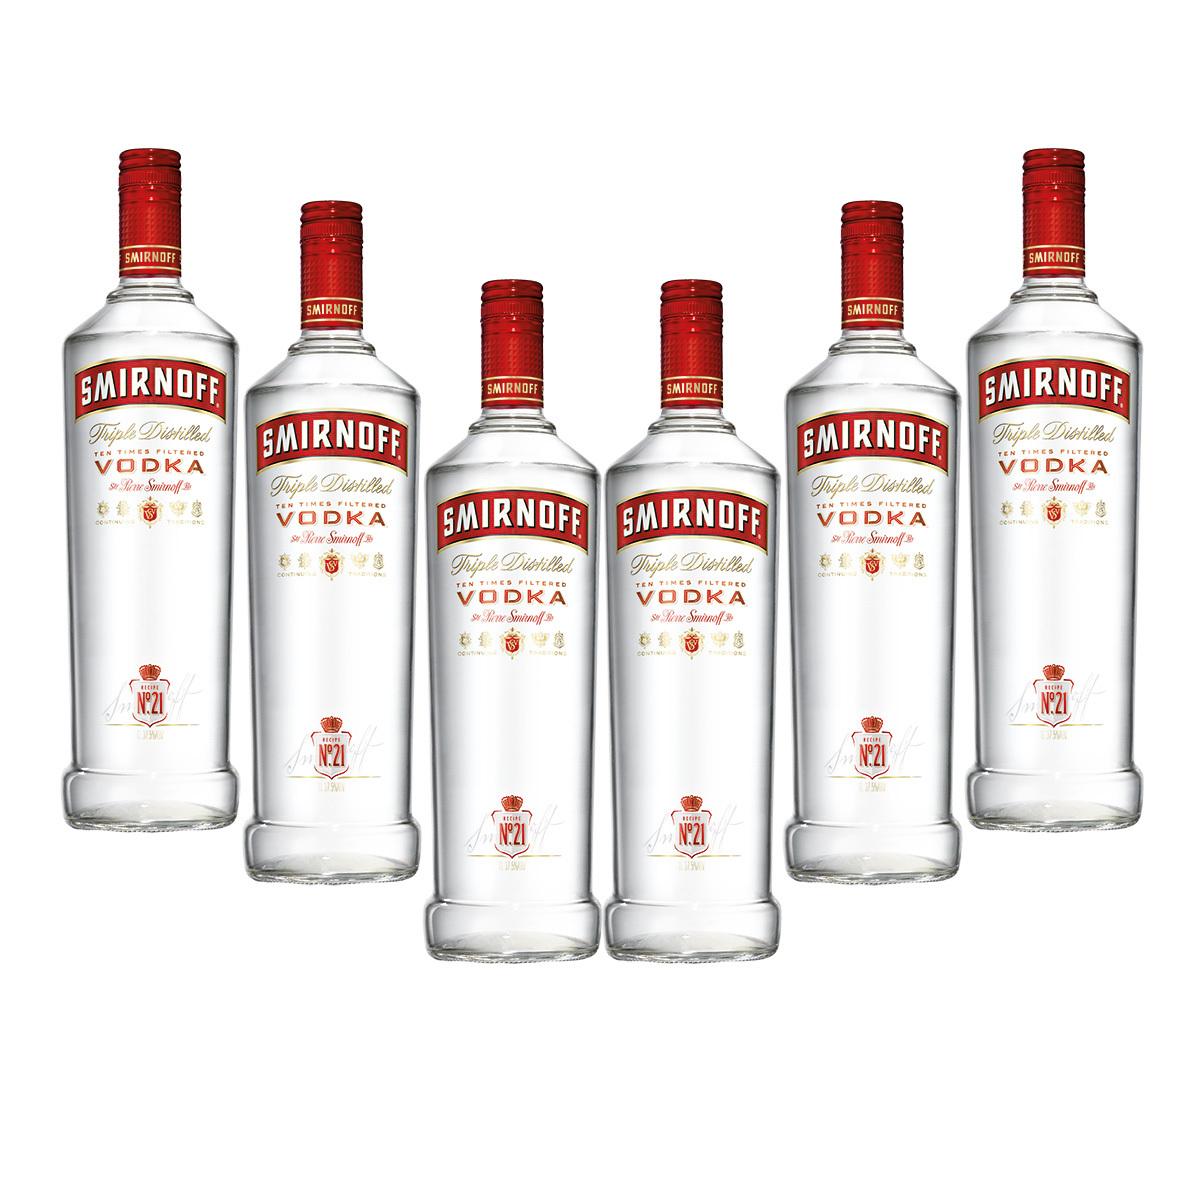 Costco: 6 botellas Smirnoff por 769, precio normal de 1099.